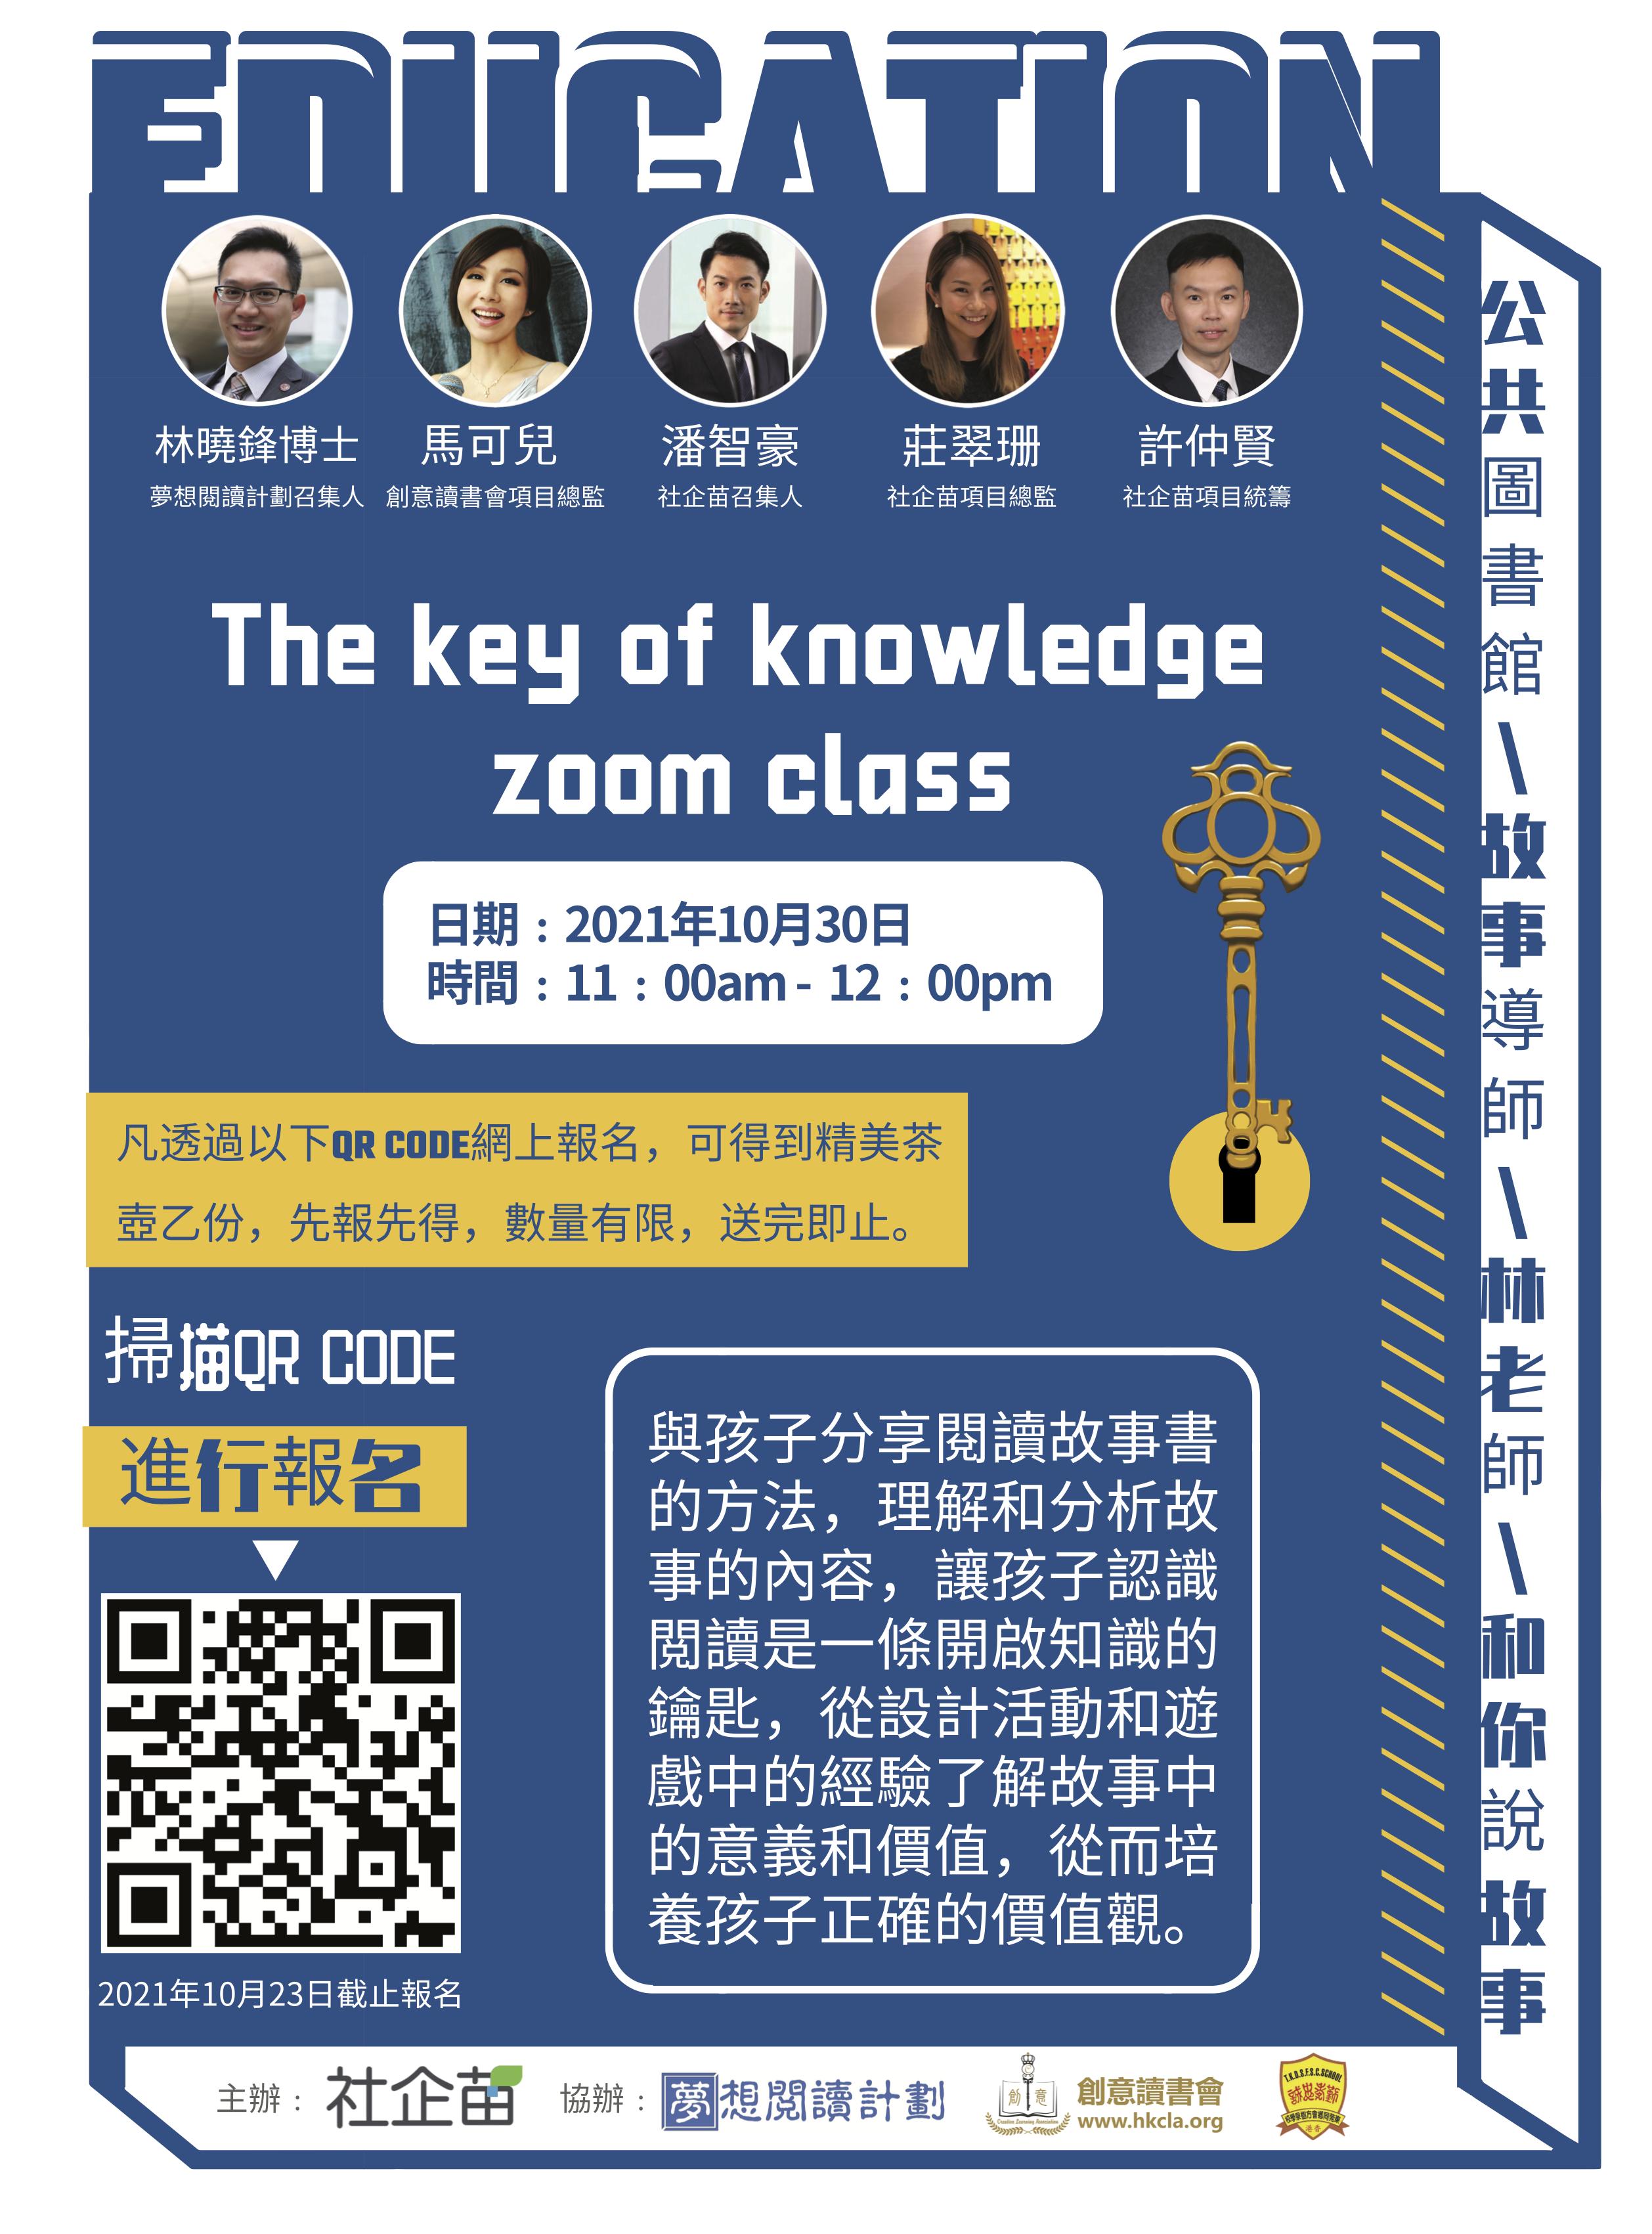 2021-2022年度閱讀延伸活動—The key of knowledge zoom class